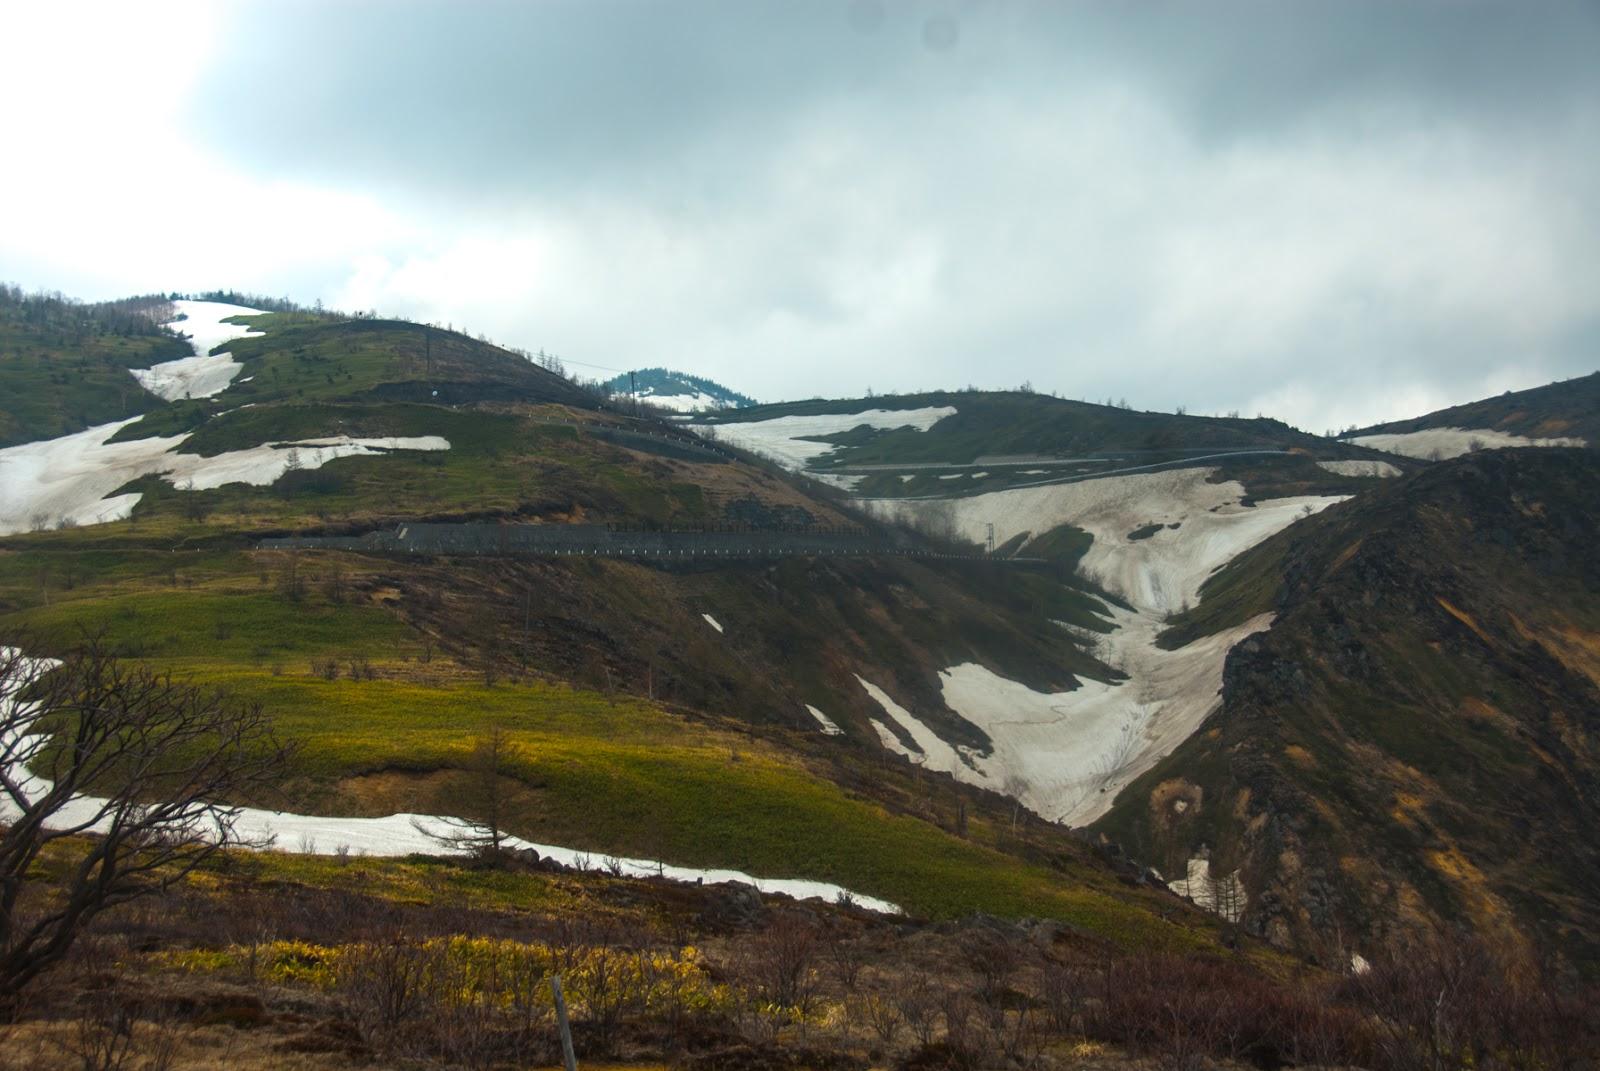 雪が残るぐらい標高の高く寒い峠道を進む